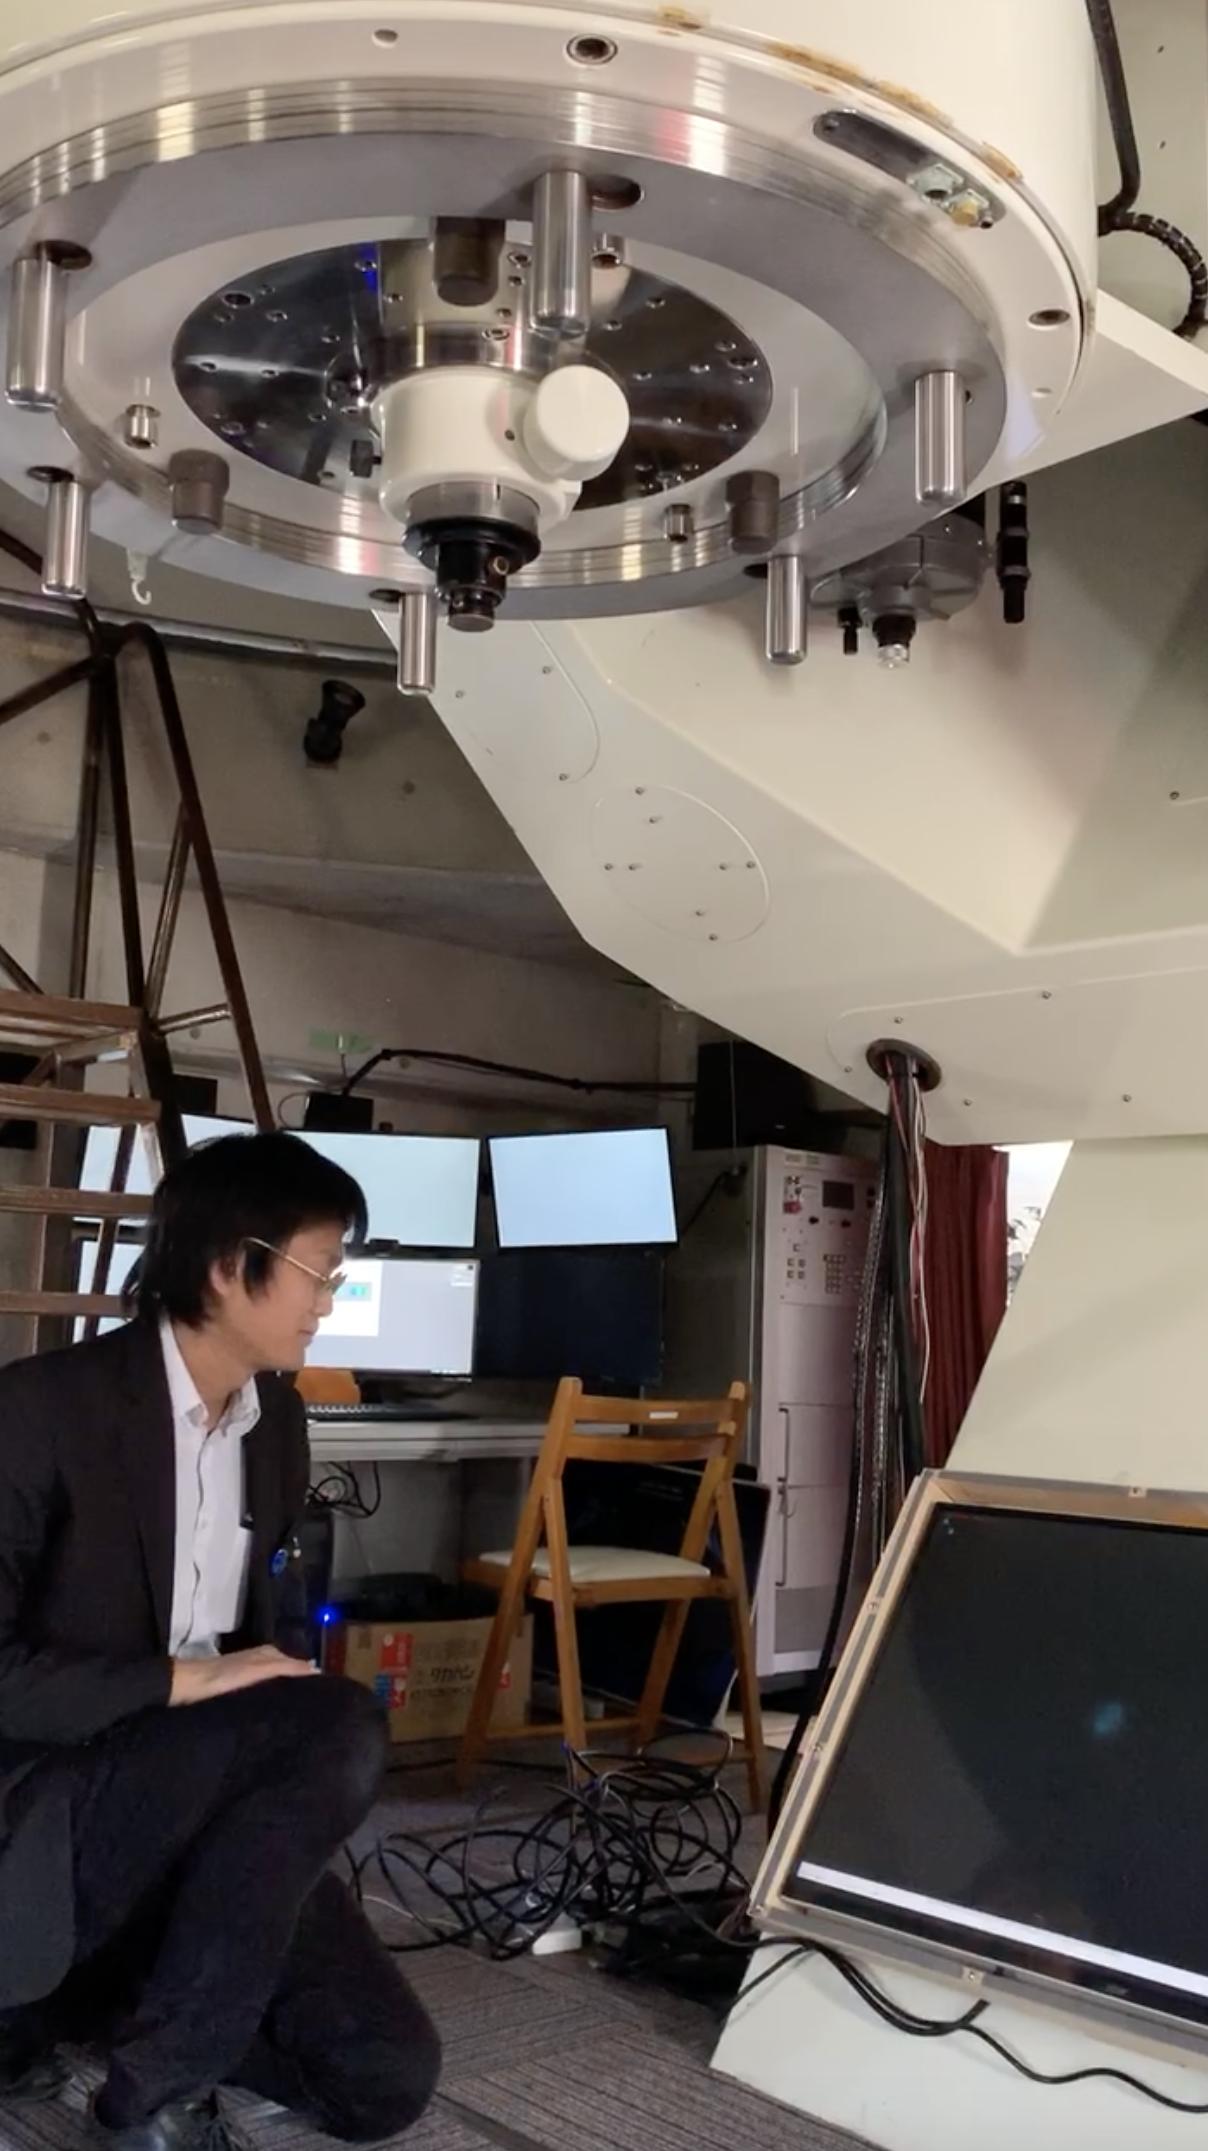 巨大天体望遠鏡&電子観望システムで天体観測